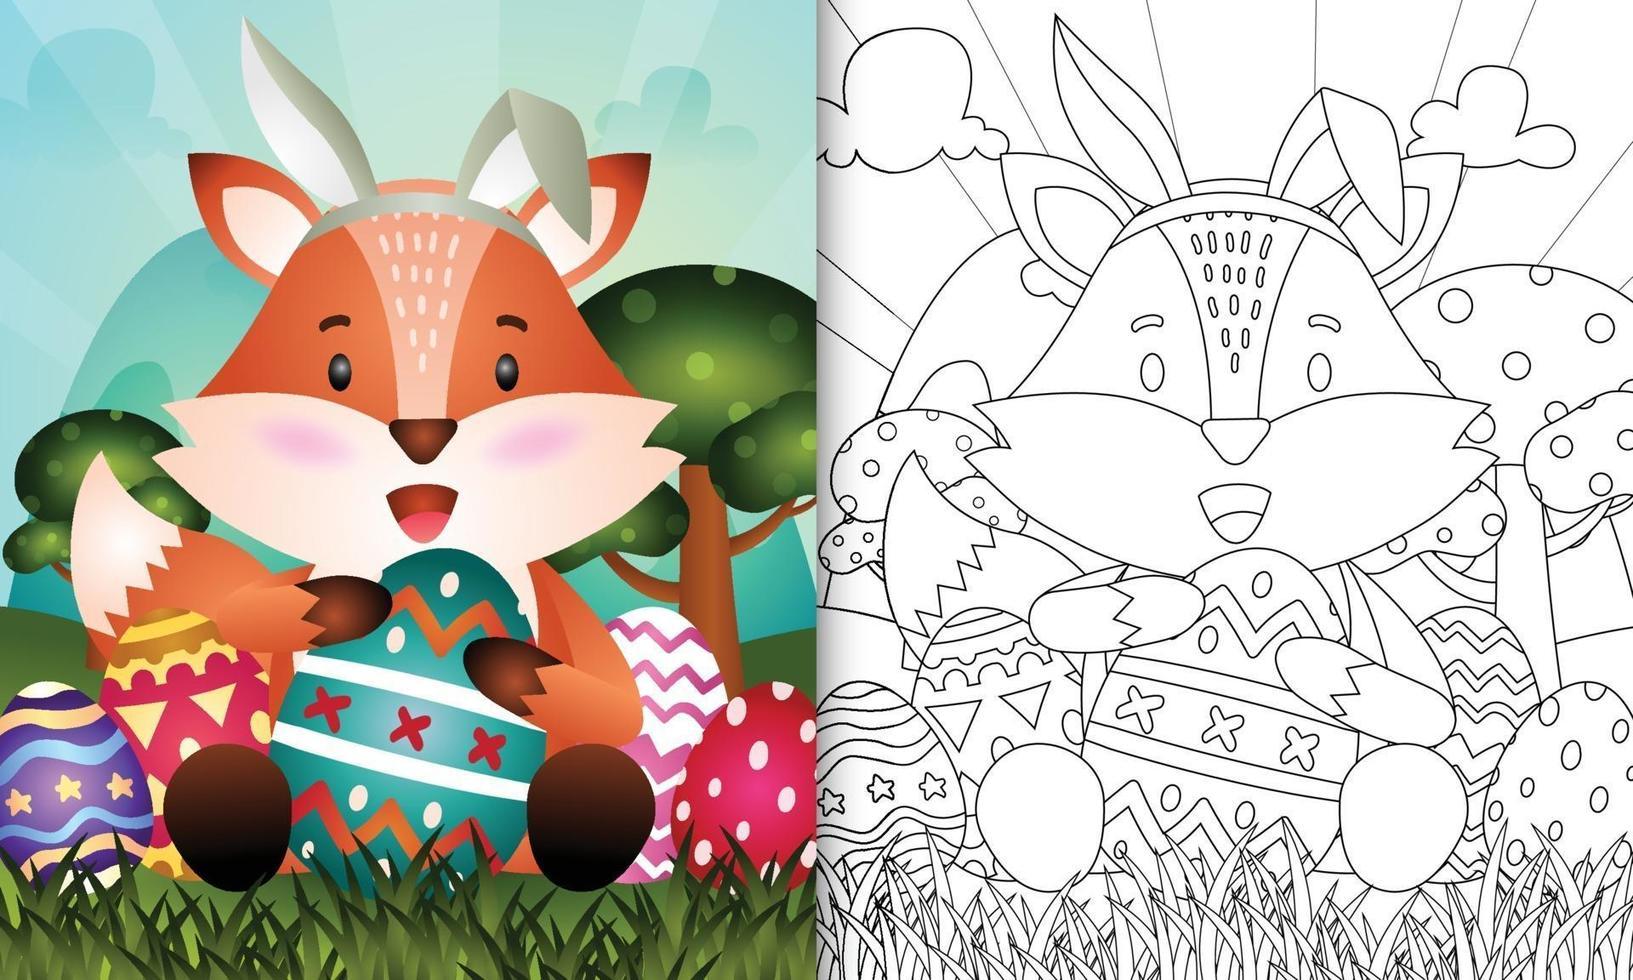 livro de colorir para crianças com o tema Páscoa com uma raposa fofa usando tiaras com orelhas de coelho abraçando ovos vetor